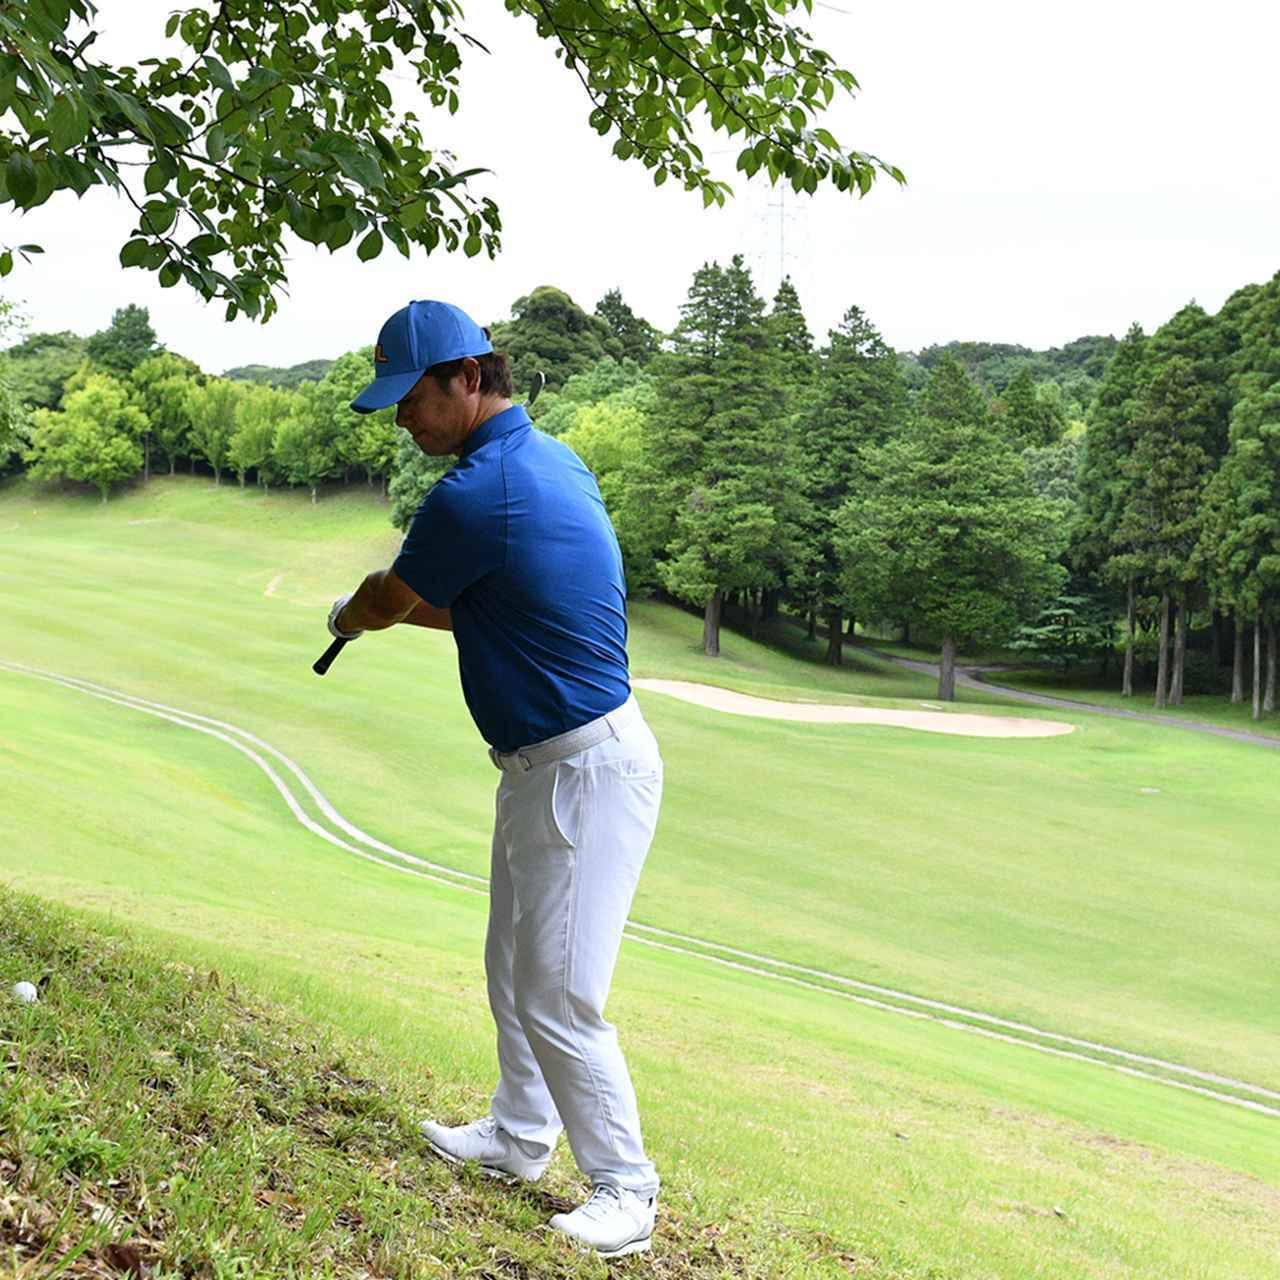 画像6: 【傾斜地アイアン】夏ゴルフ、つま先上がりの斜面ラフに止まった。かなりの急傾斜から上手く打つには…。(後編)